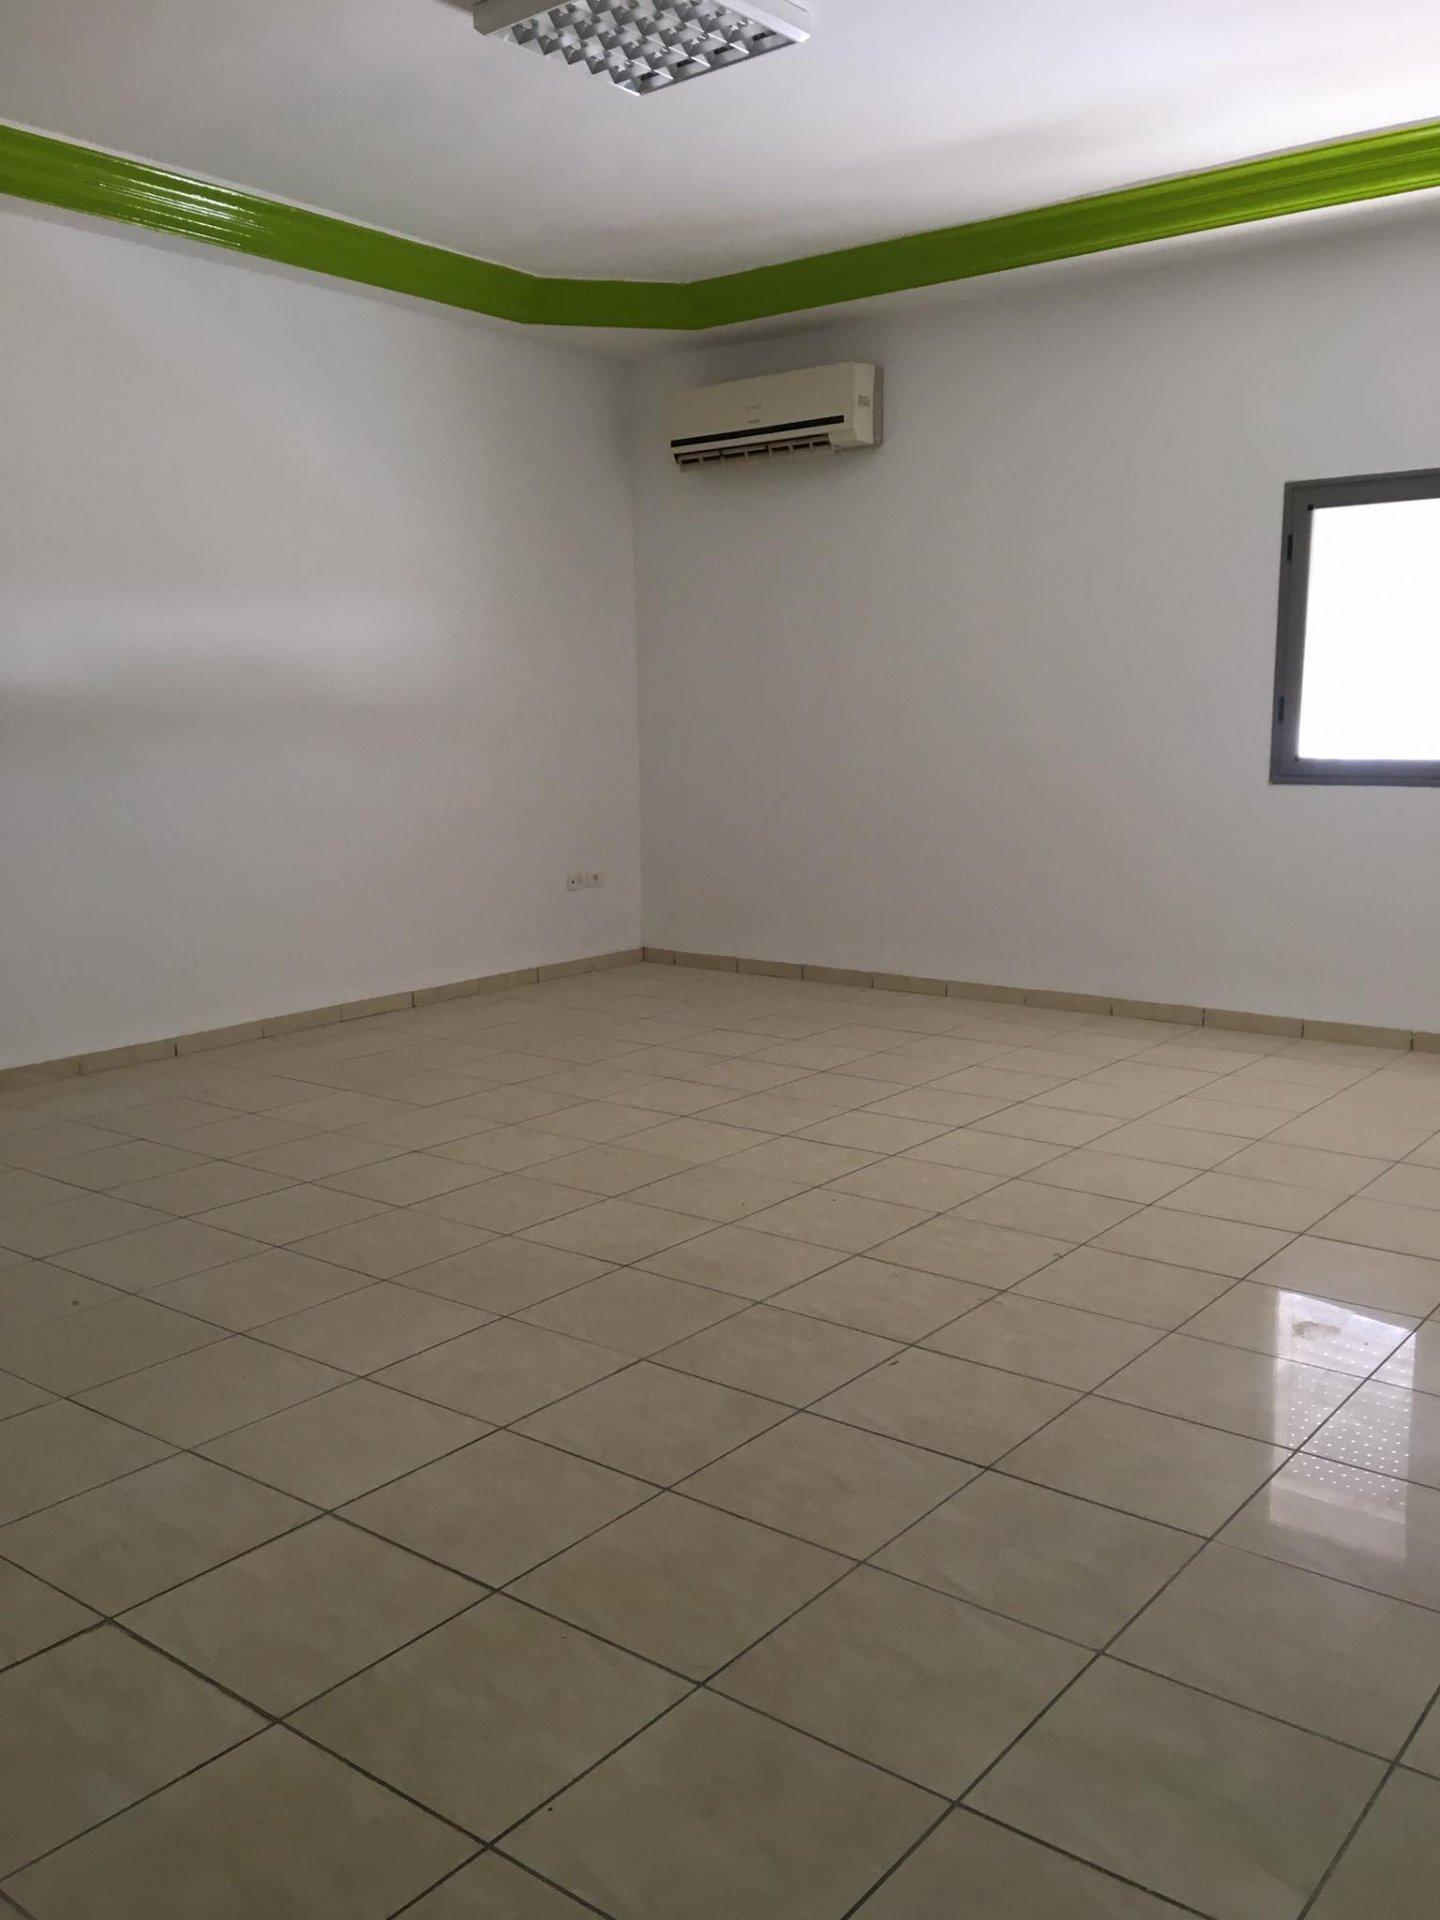 Location Bureau de 3 pièces 80 m² à La Marsa